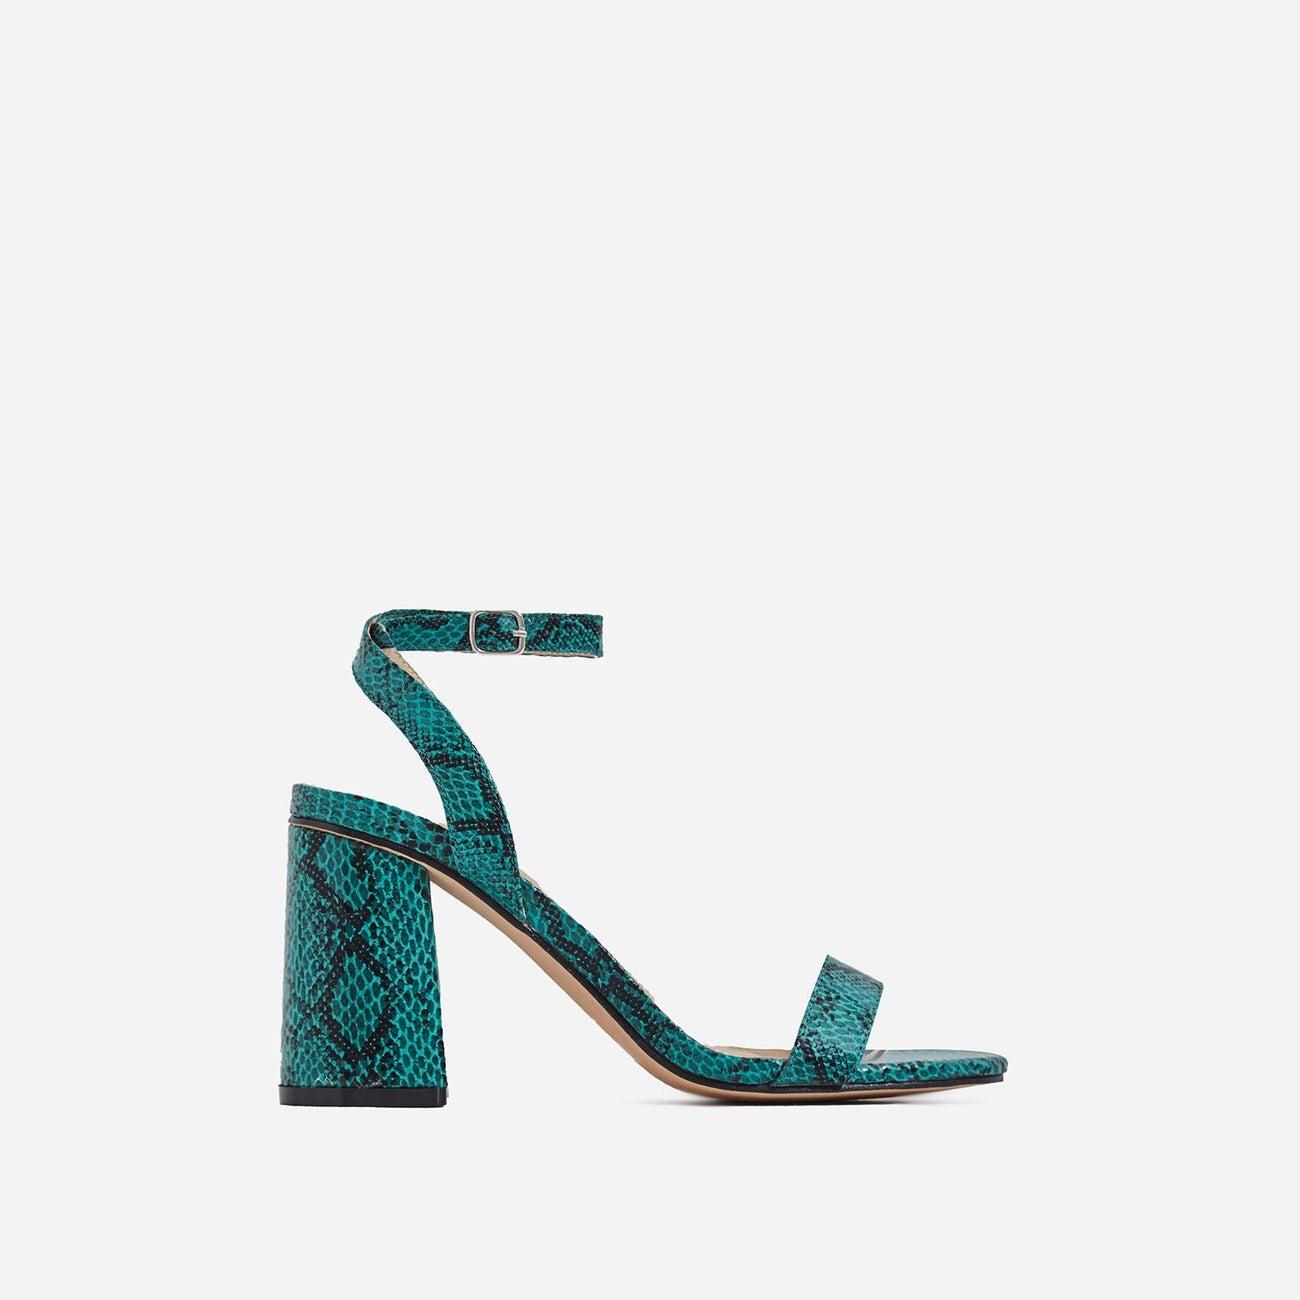 Nikita Midi Block Heel In Green Snake Print Faux Leather